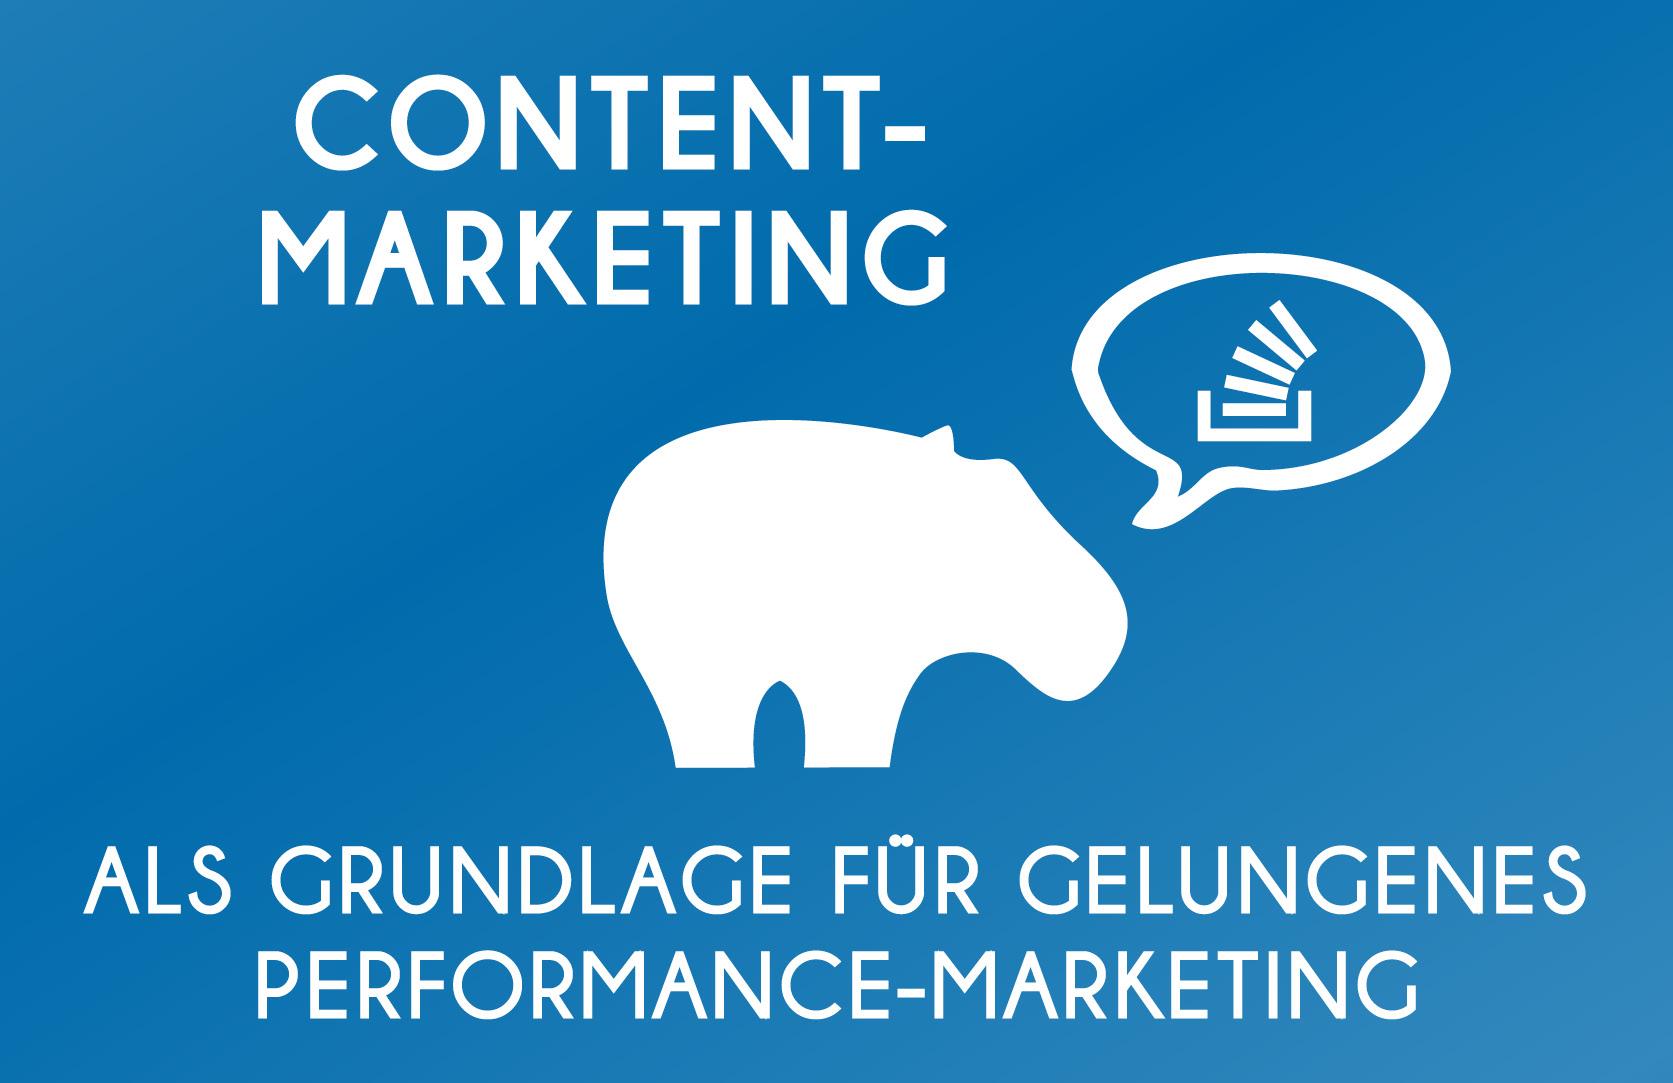 Content Marketing - Grundlage für ein gelungenes Performance Marketing